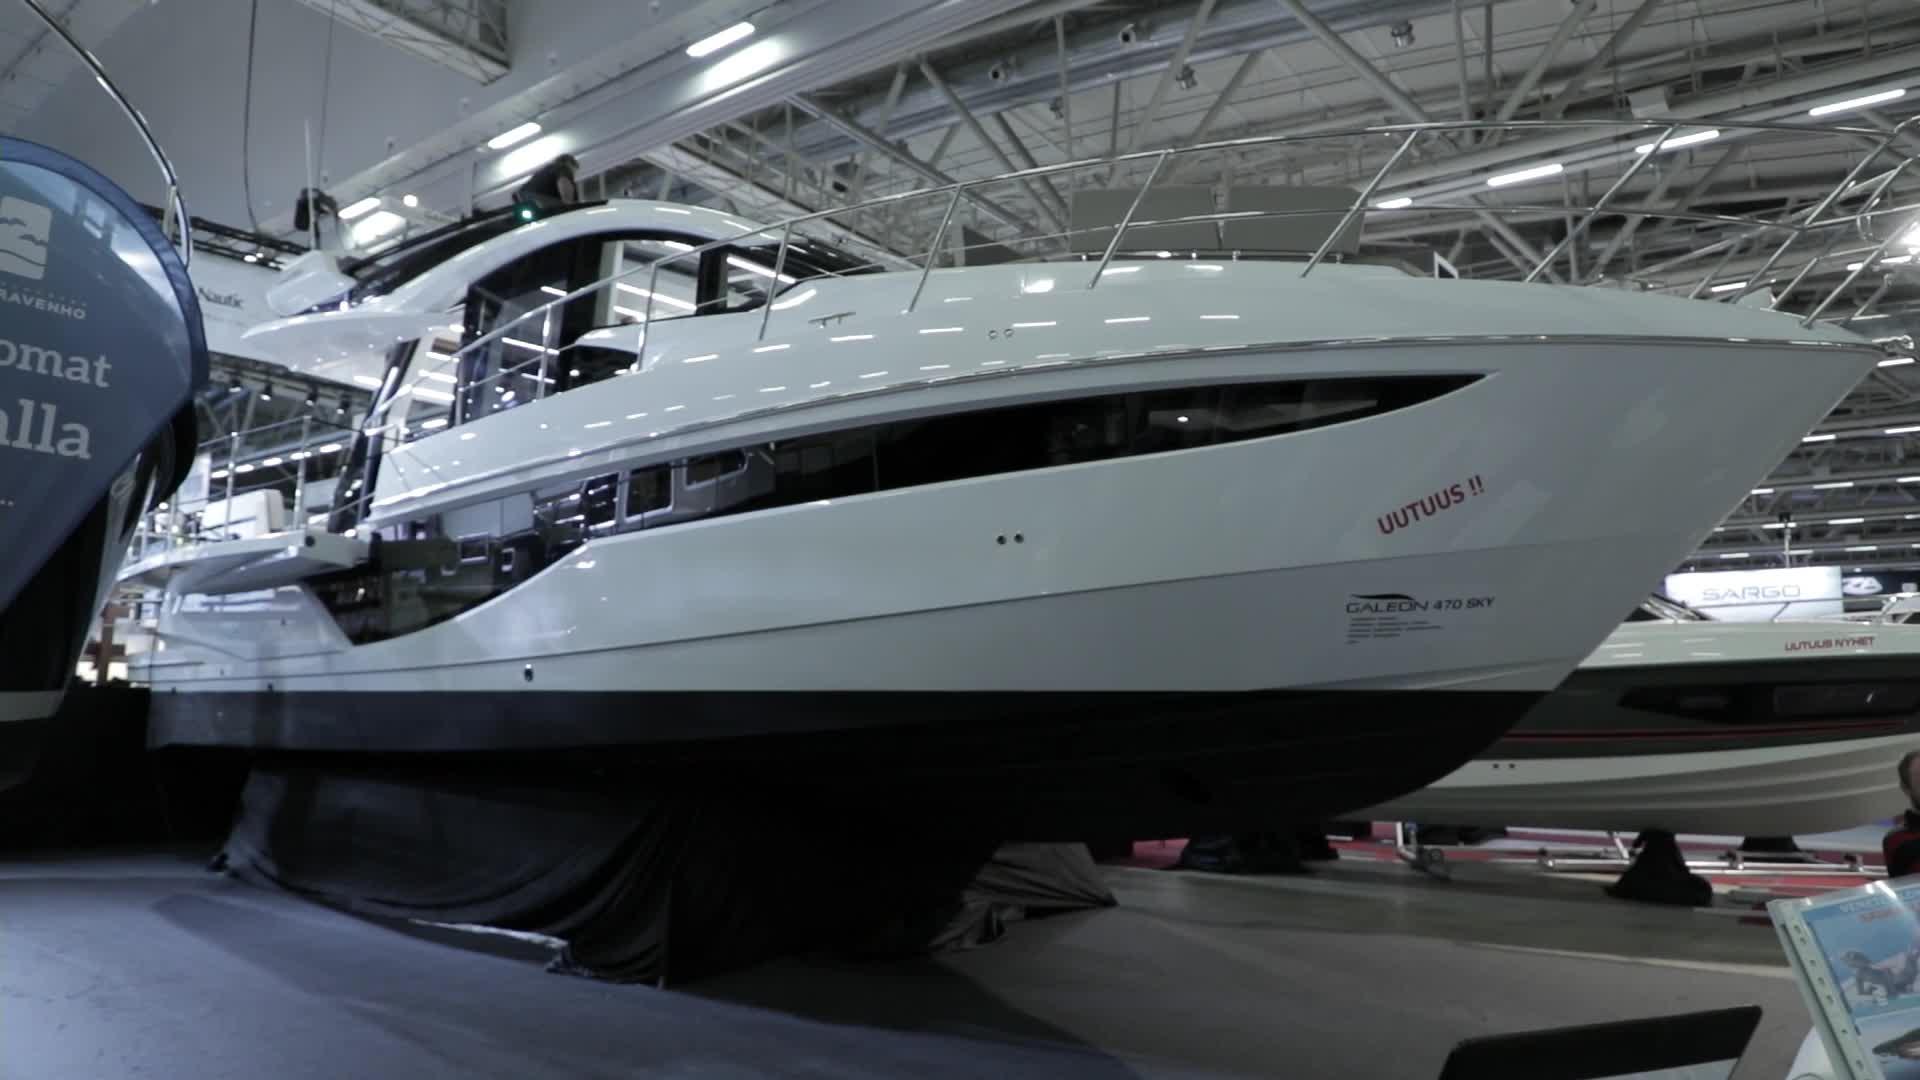 Vene 18 Båt: Messujen matkamoottoriveneeksi valittiin Galeon 470 Skydeck